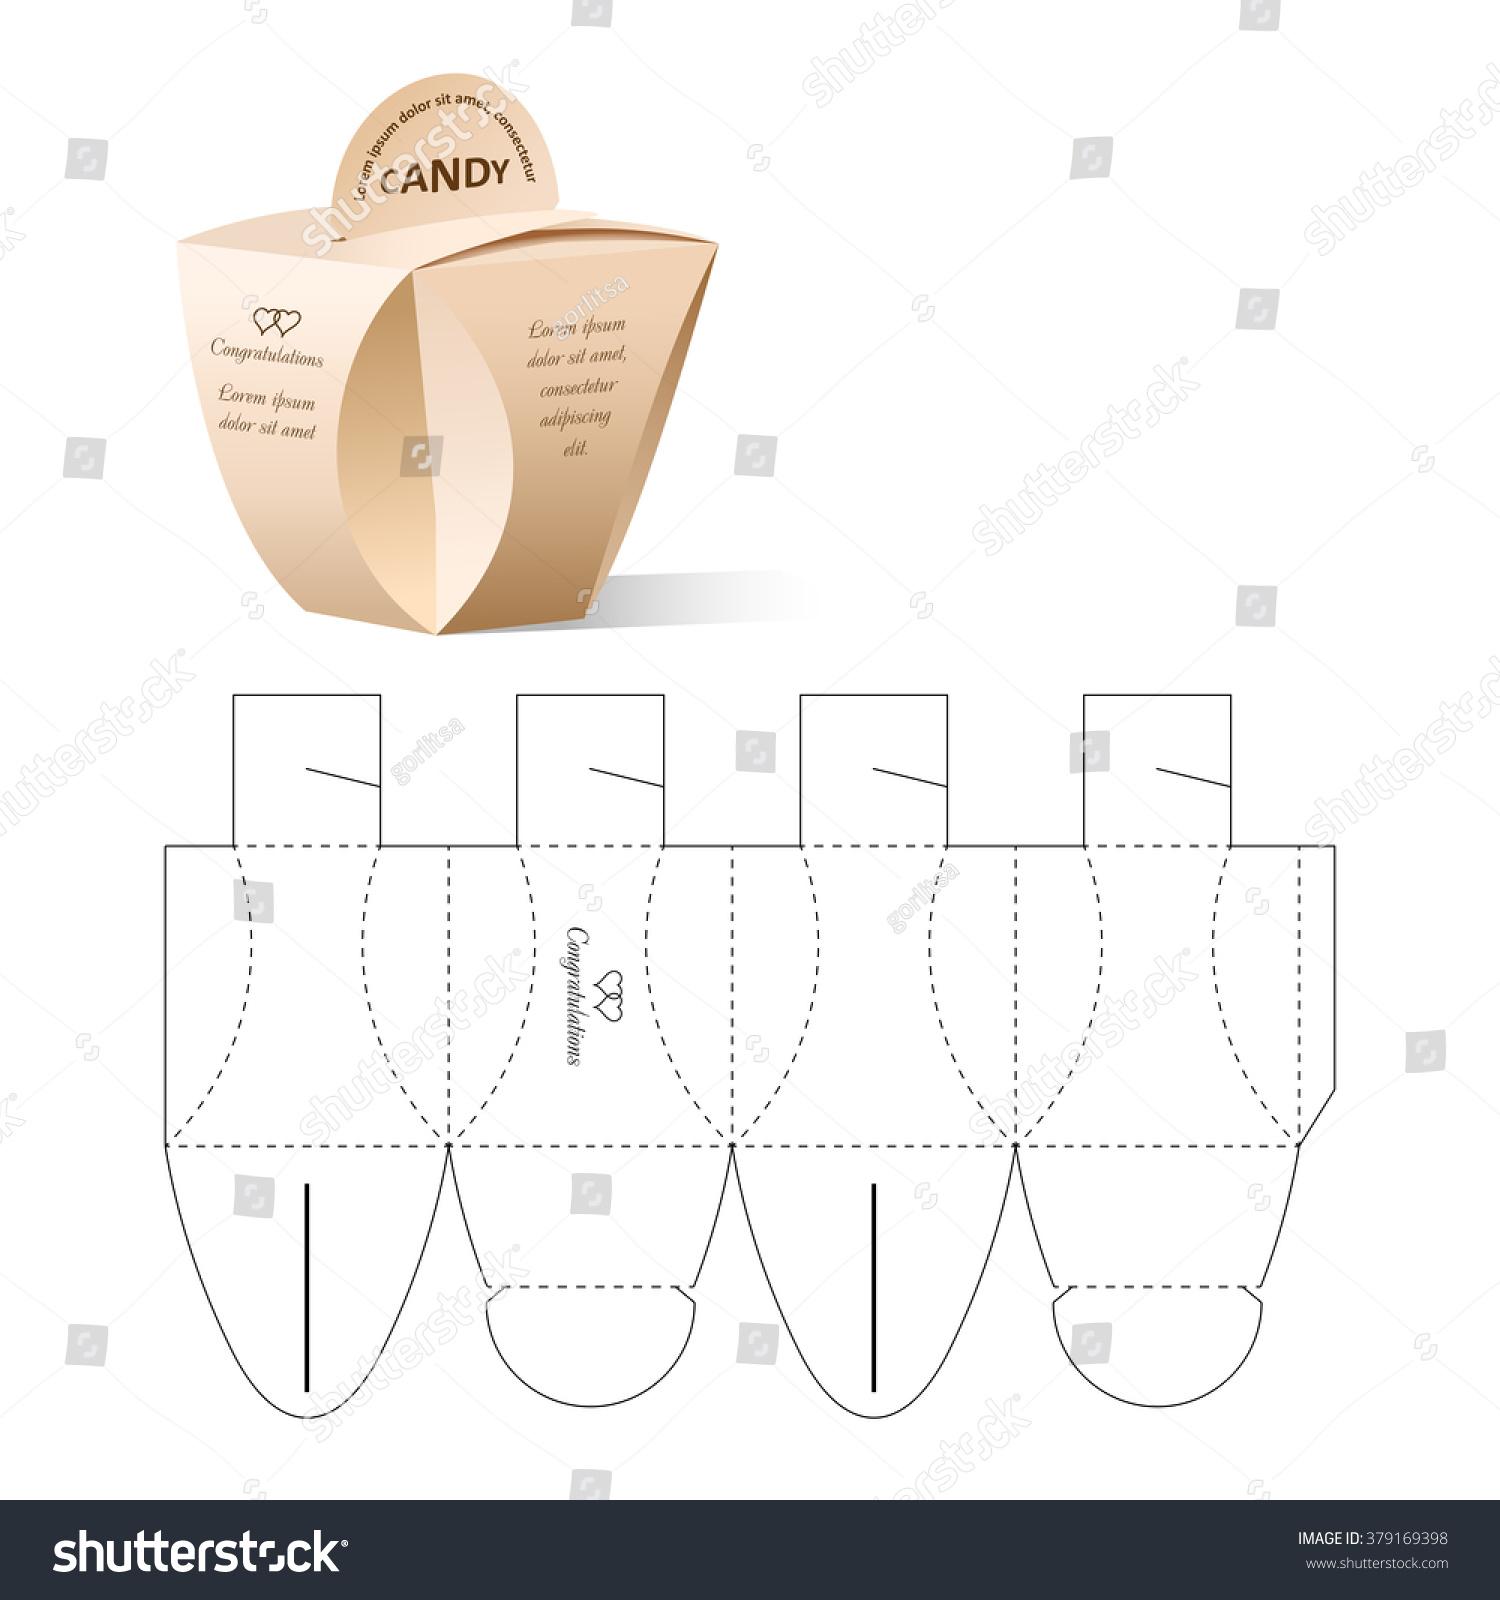 Retail box blueprint template vector de stock379169398 shutterstock retail box with blueprint template malvernweather Images